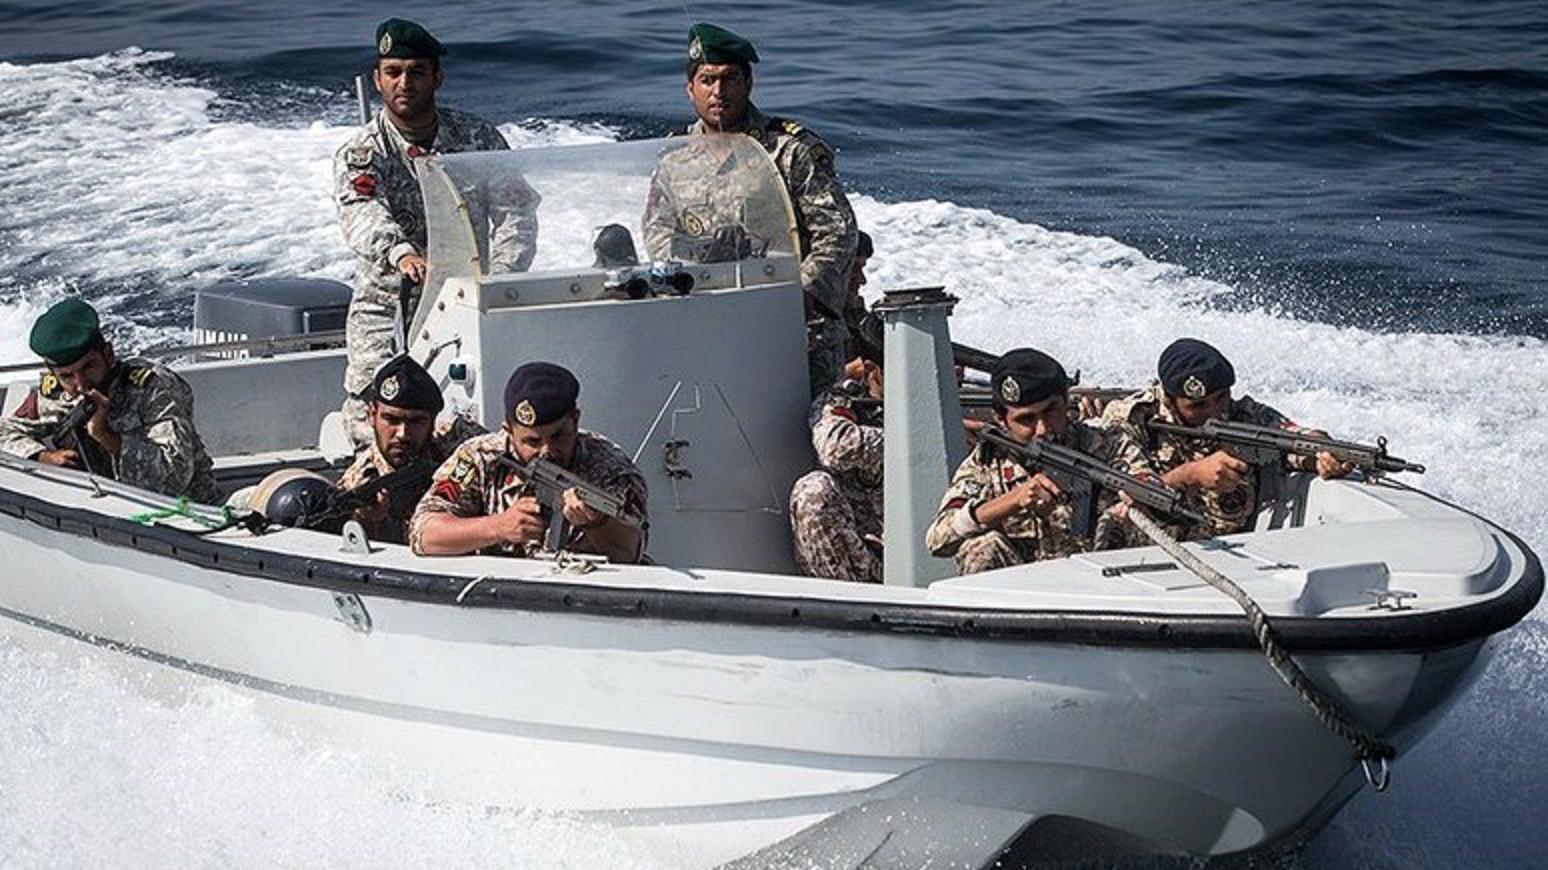 דיווח: החל התרגיל הצבאי של איראן במיצרי הורמוז – עשרות כלי שייט נפרסו באזור